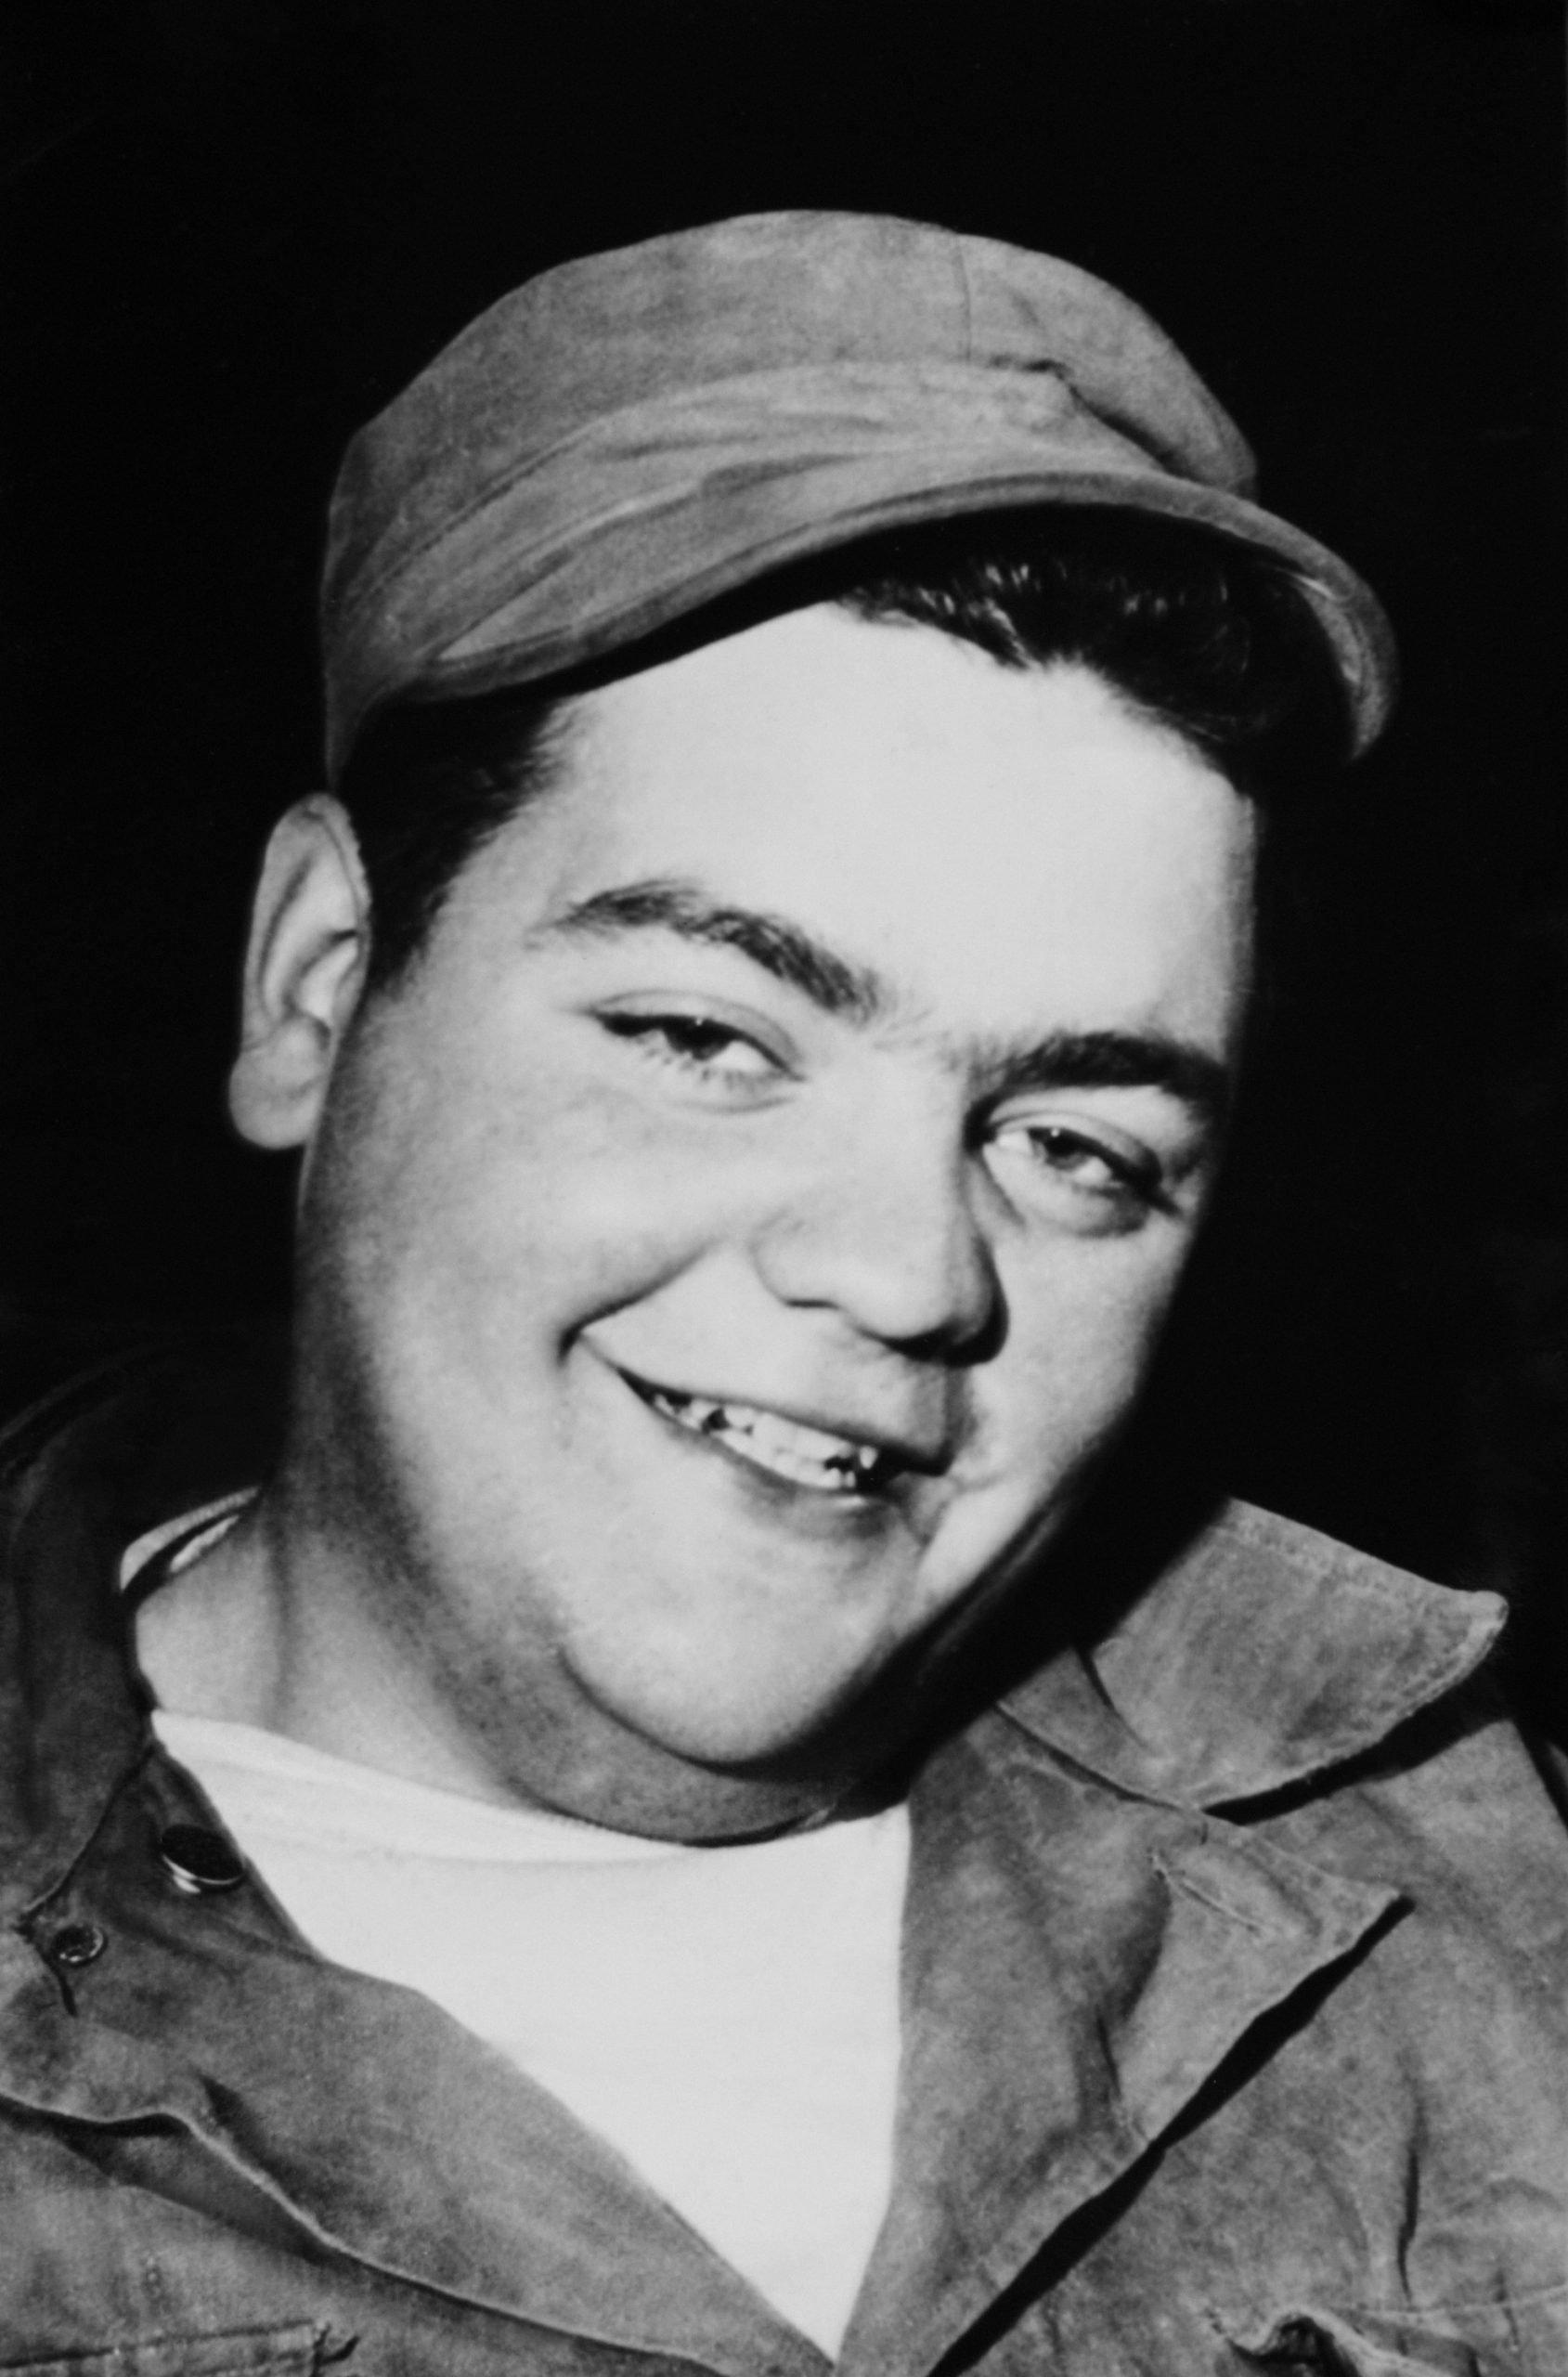 spanky-in-1952